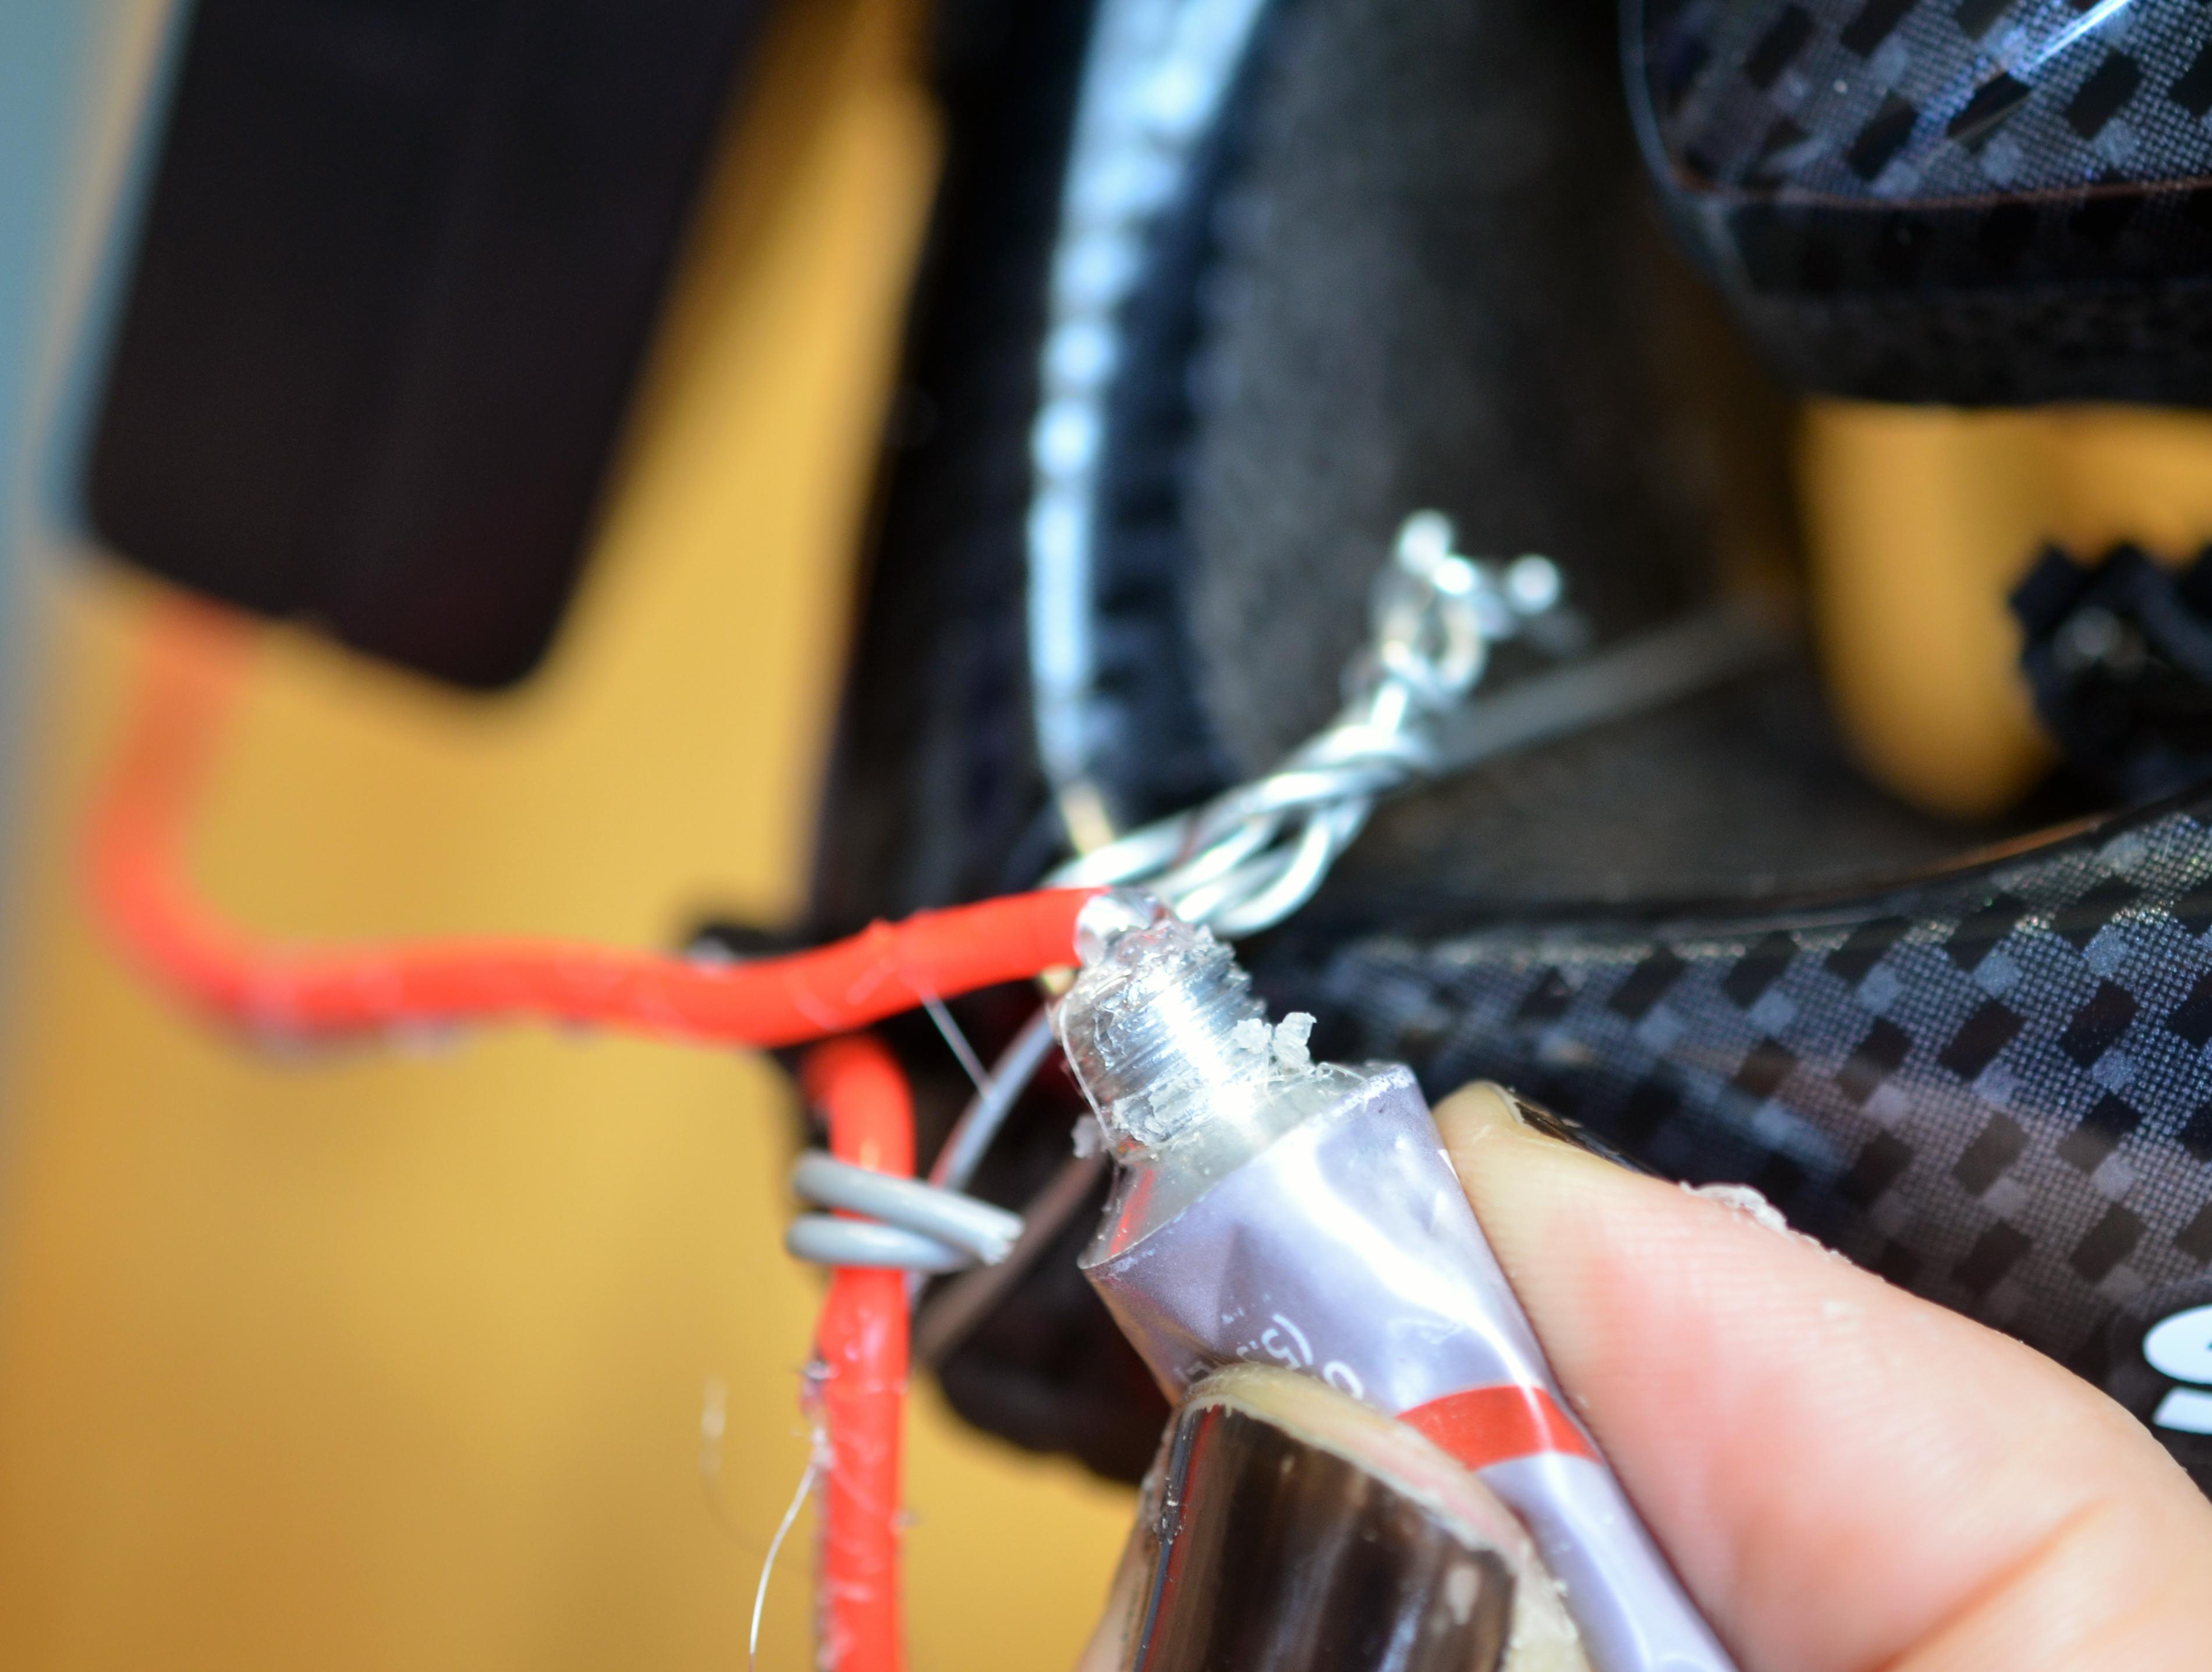 el_wire_tape_panel_el-wire-mask-adafruit-26.jpg